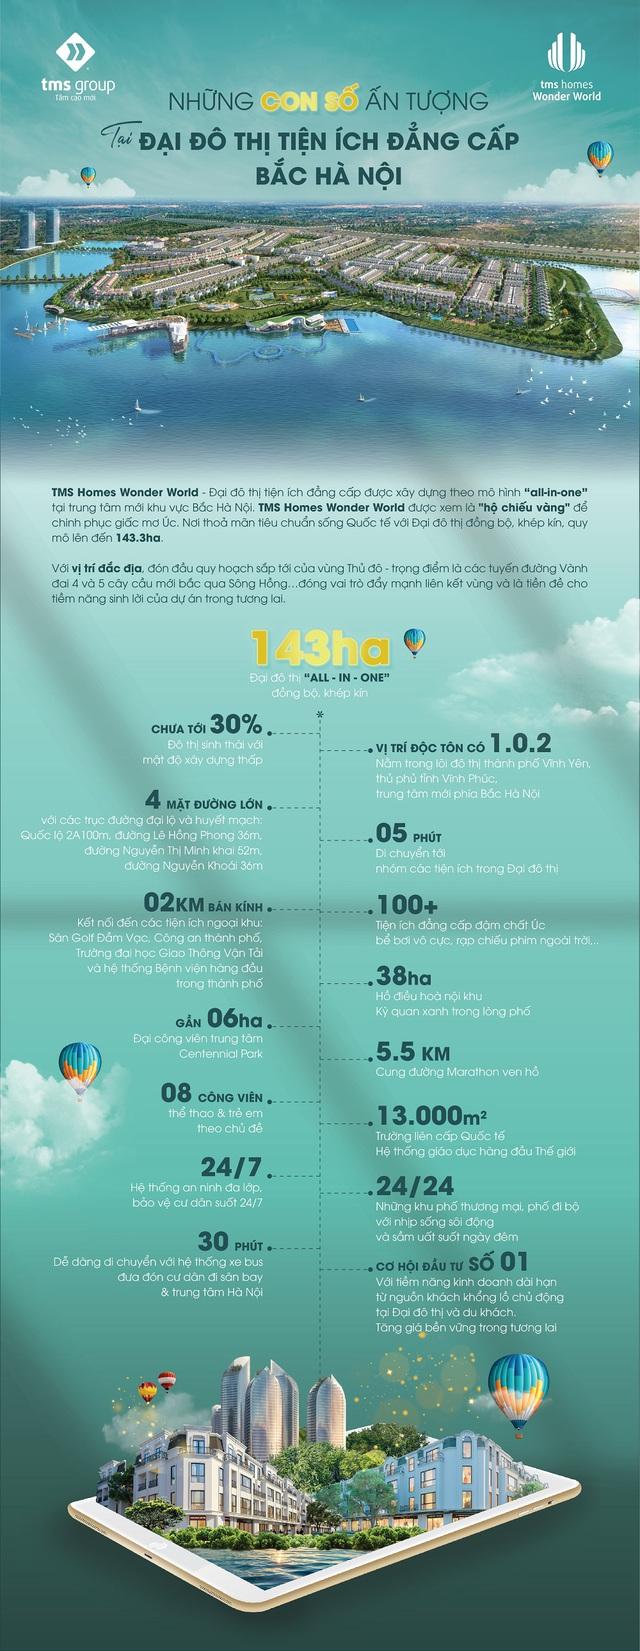 Những con số ấn tượng tại TMS Homes Wonder World - Ảnh 1.